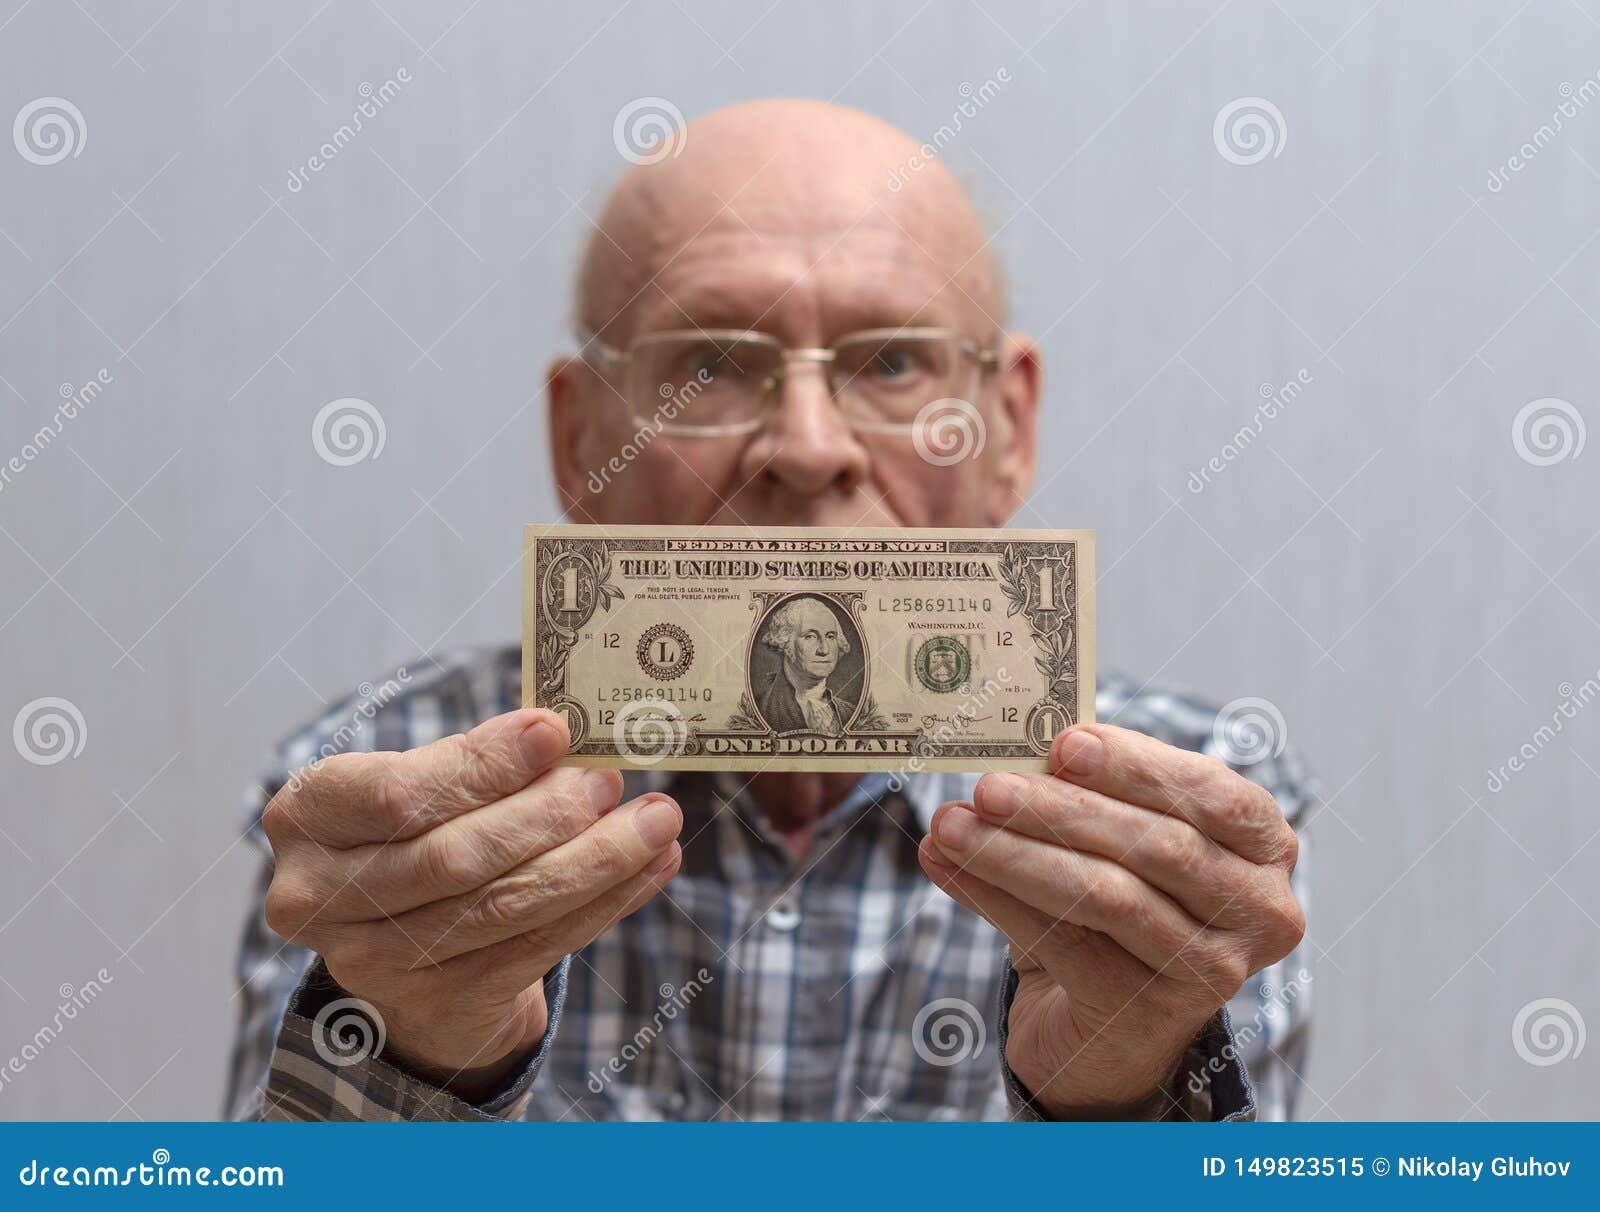 Um homem calvo idoso com vidros guarda uma c?dula na frente dele - um d?lar americano